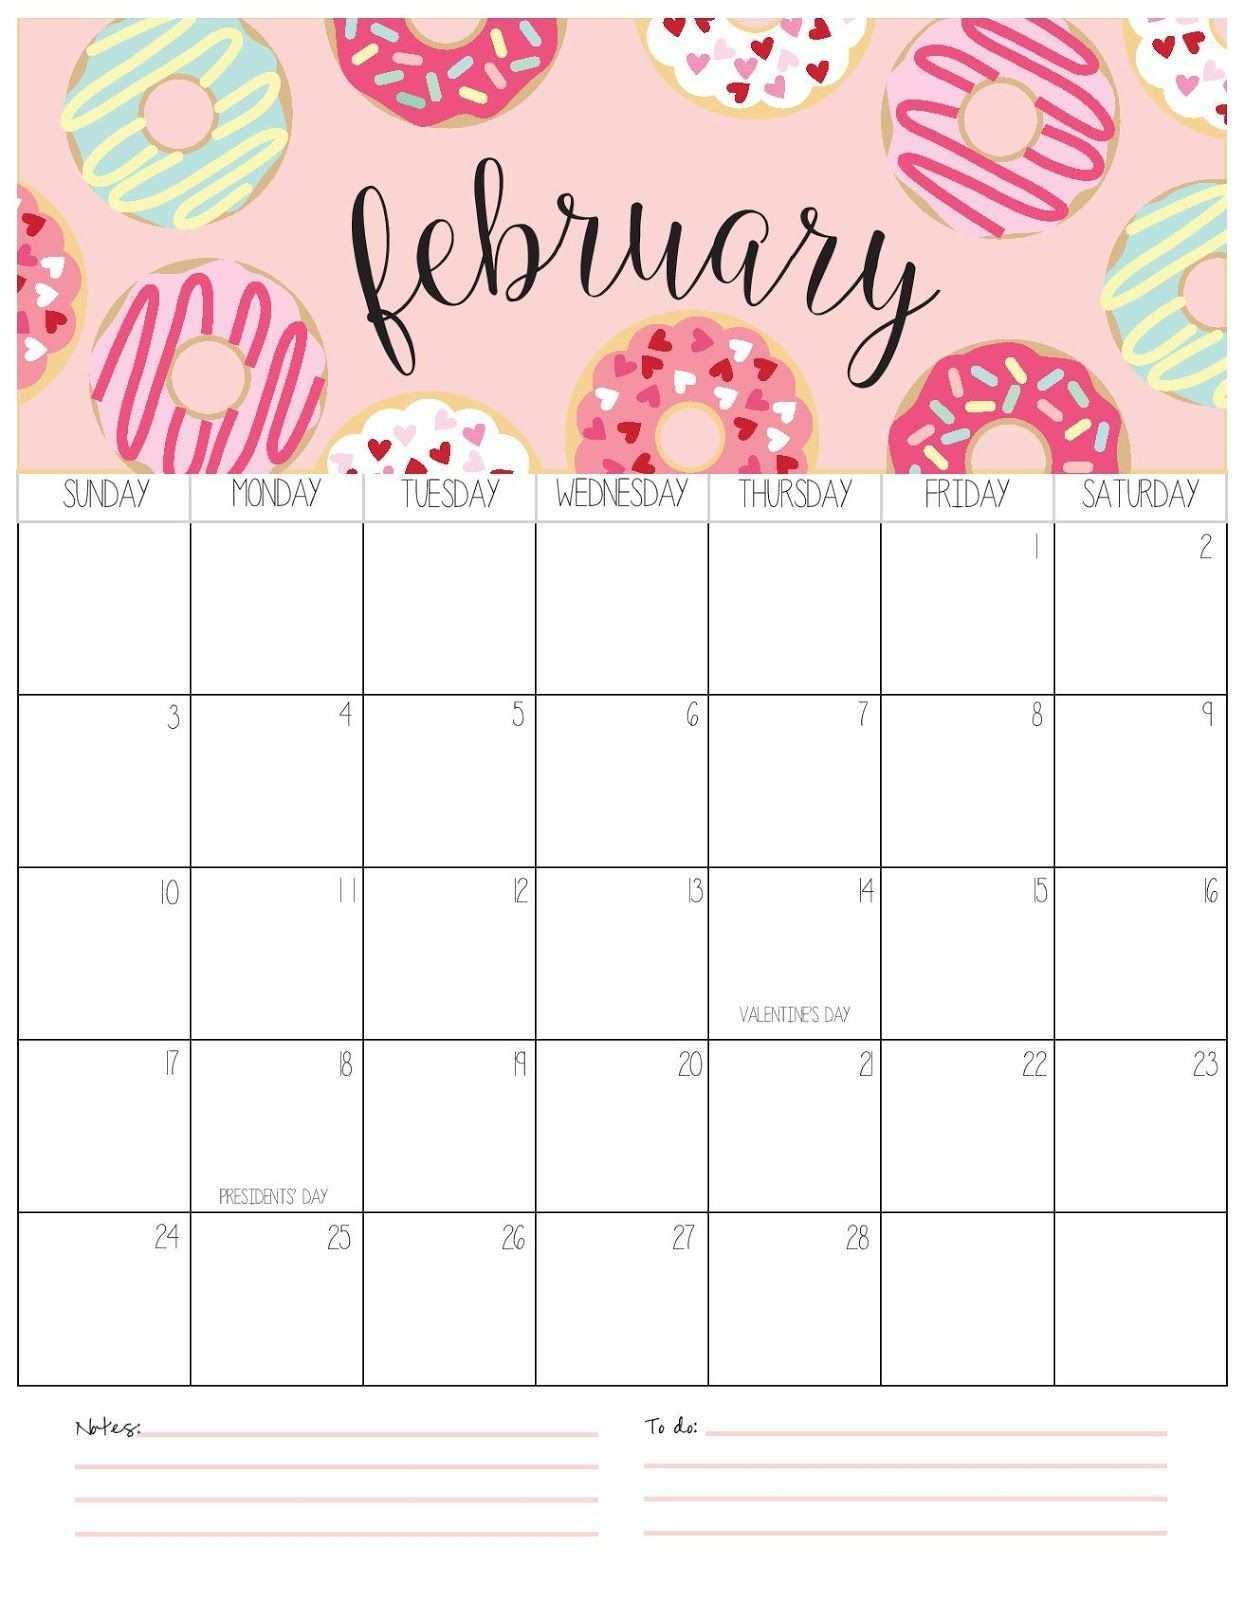 Tipss Und Vorlagen Kalender 2019 Zum Ausdrucken Fur Kinder Kalender Fur Kinder Kalender Februar Kalender